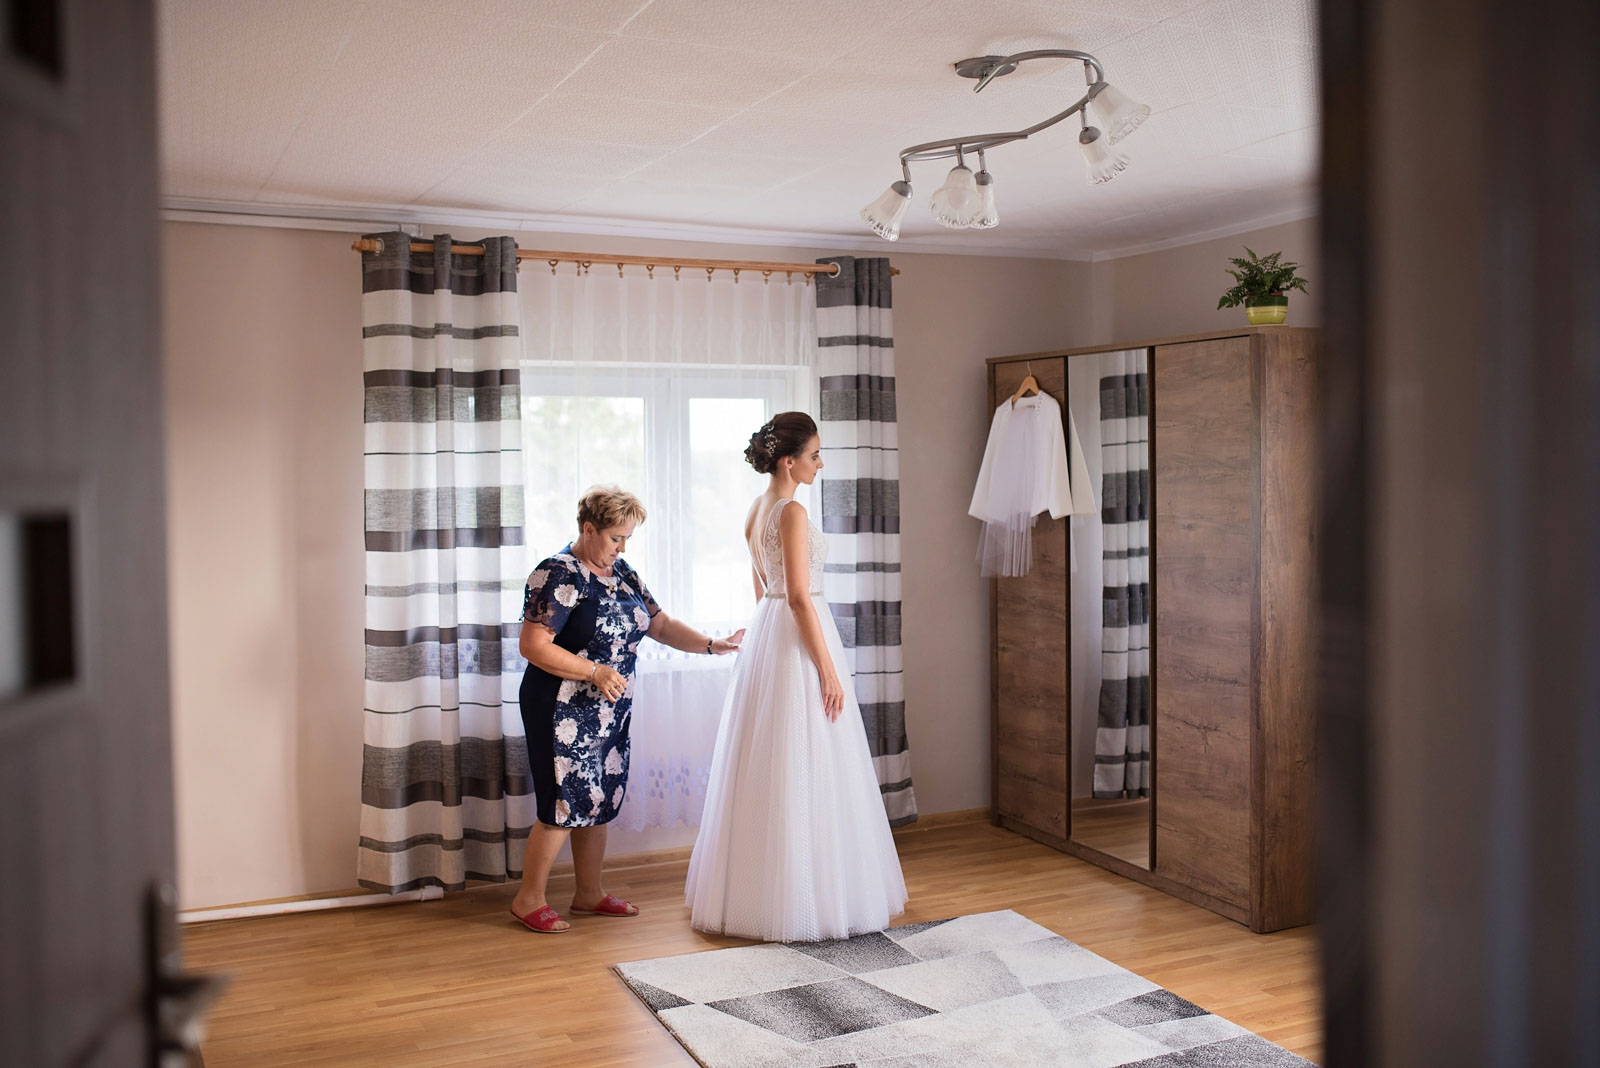 przygotowania-u-panny-mlodej-banie-mazurskie-wesele (6).jpg